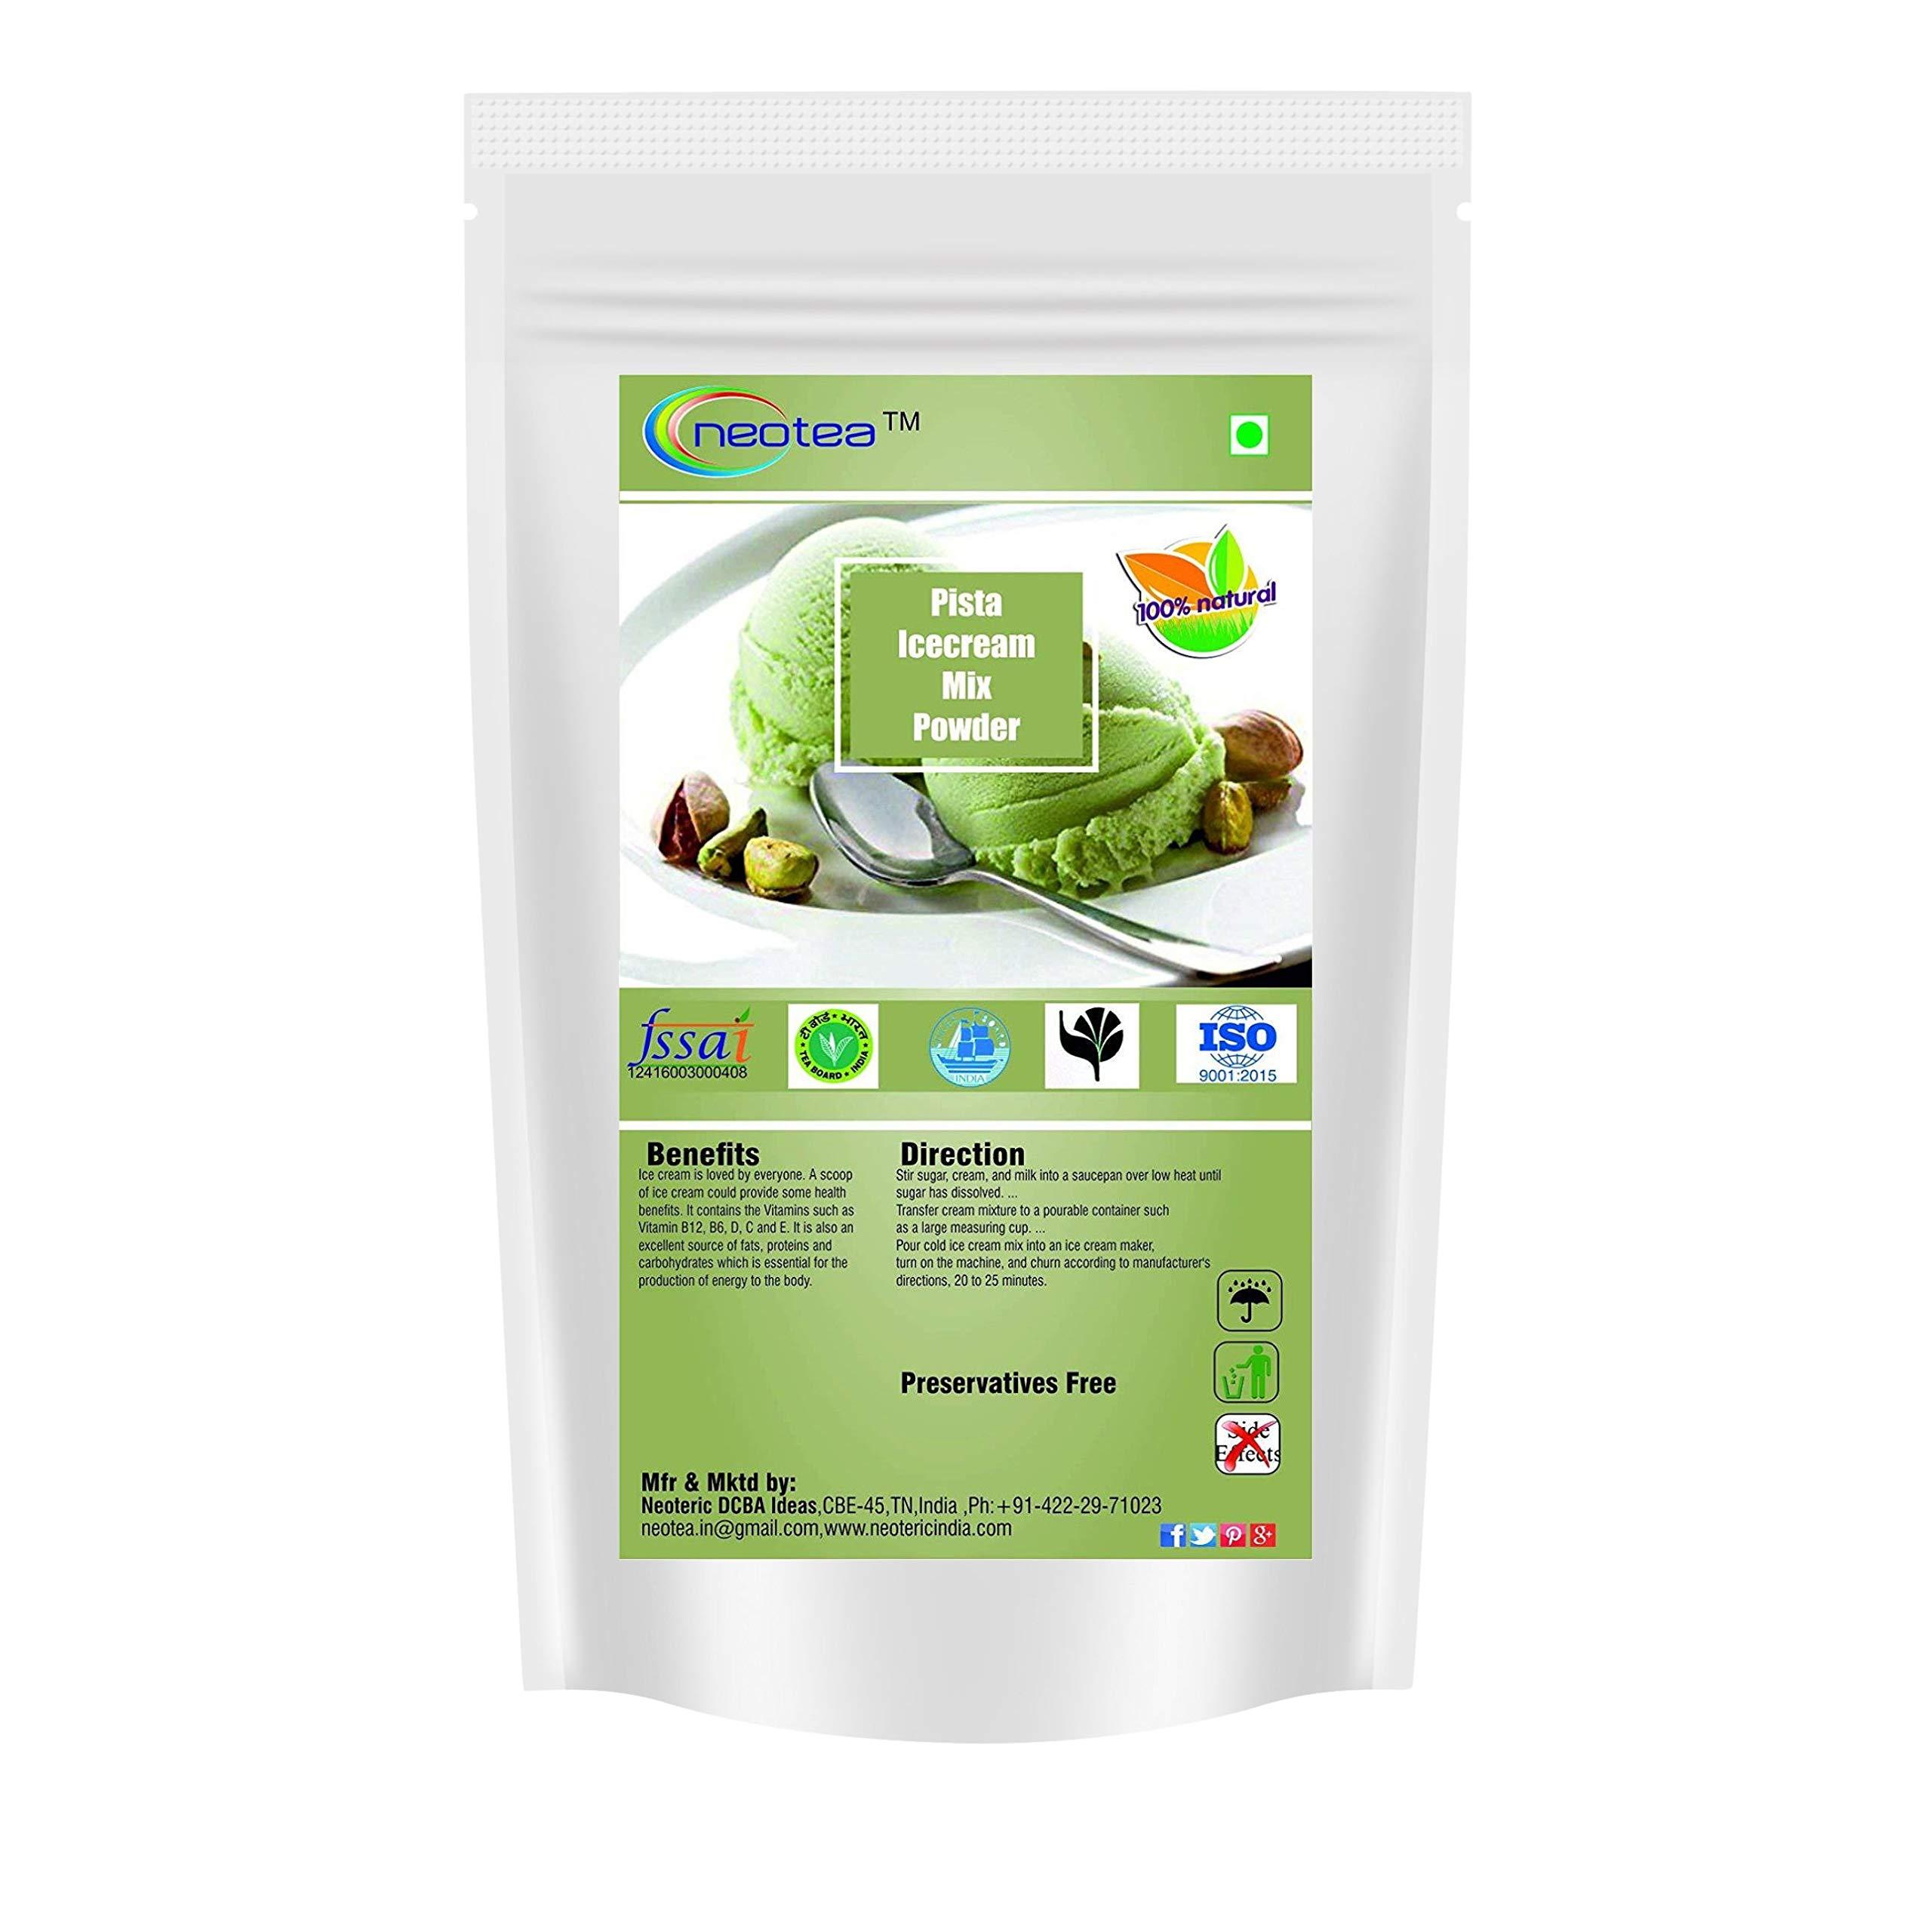 Neotea Pista Icecream Mix Powder (250g)